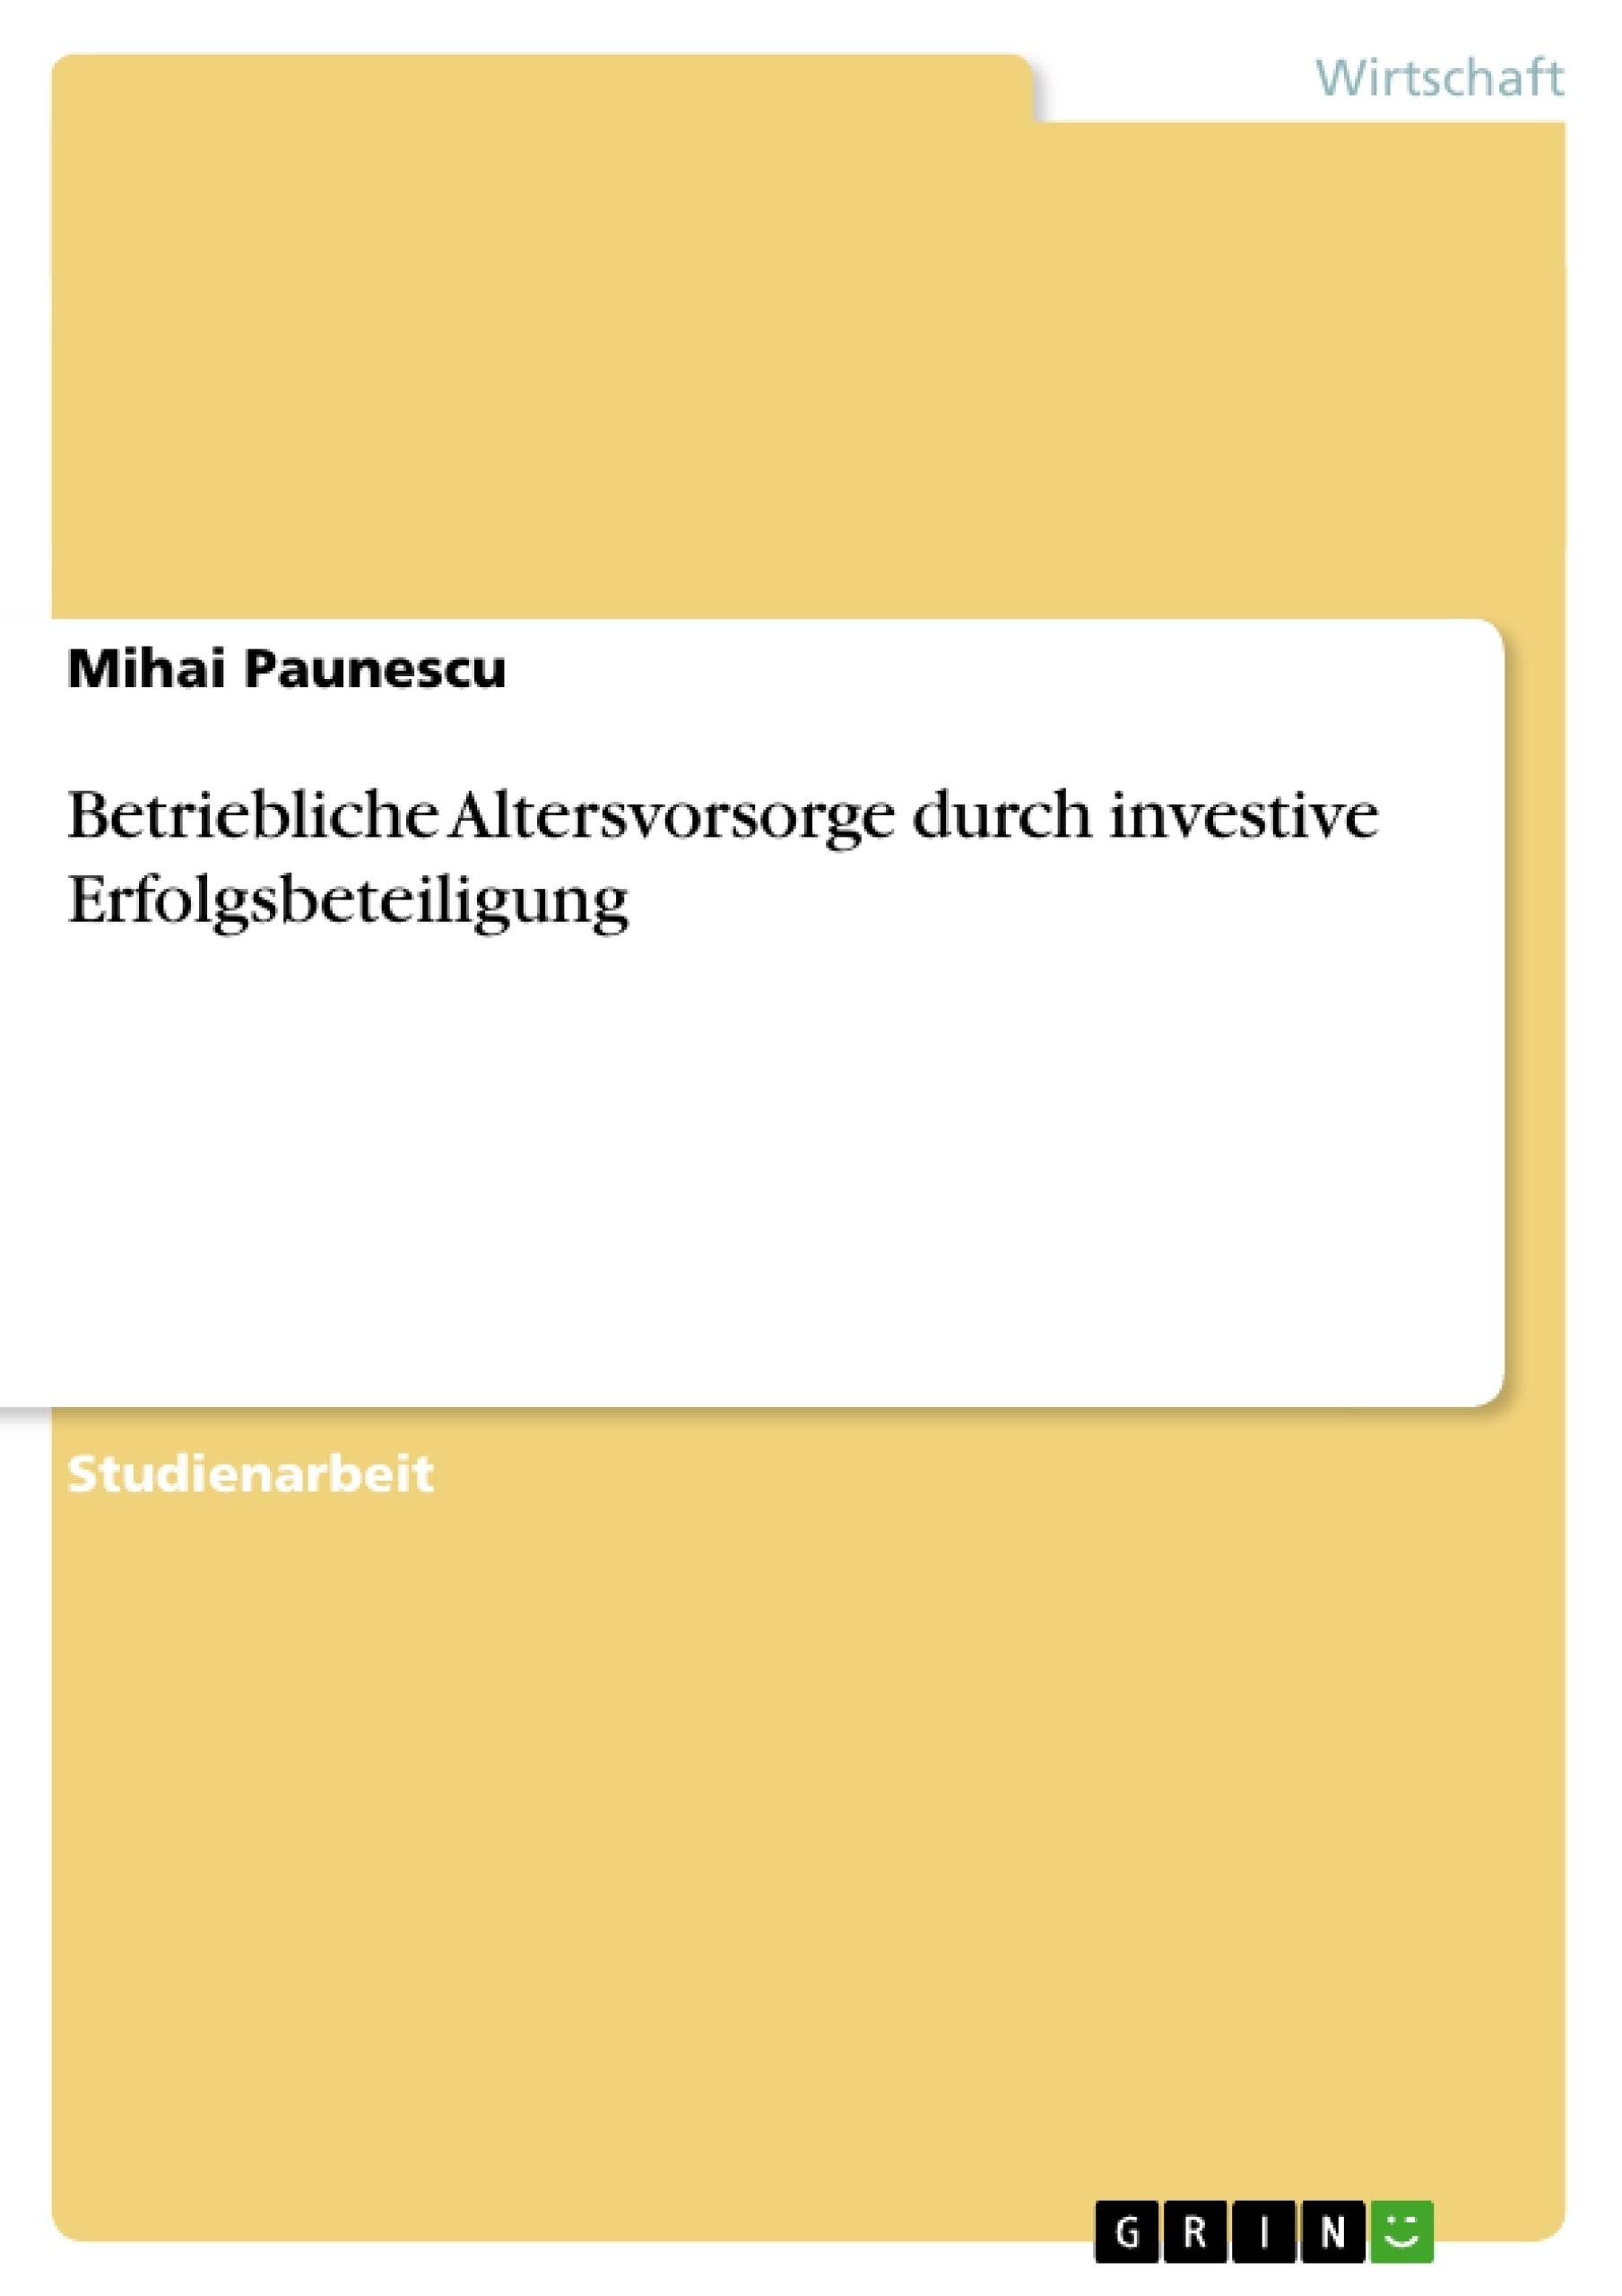 Titel: Betriebliche Altersvorsorge durch investive Erfolgsbeteiligung